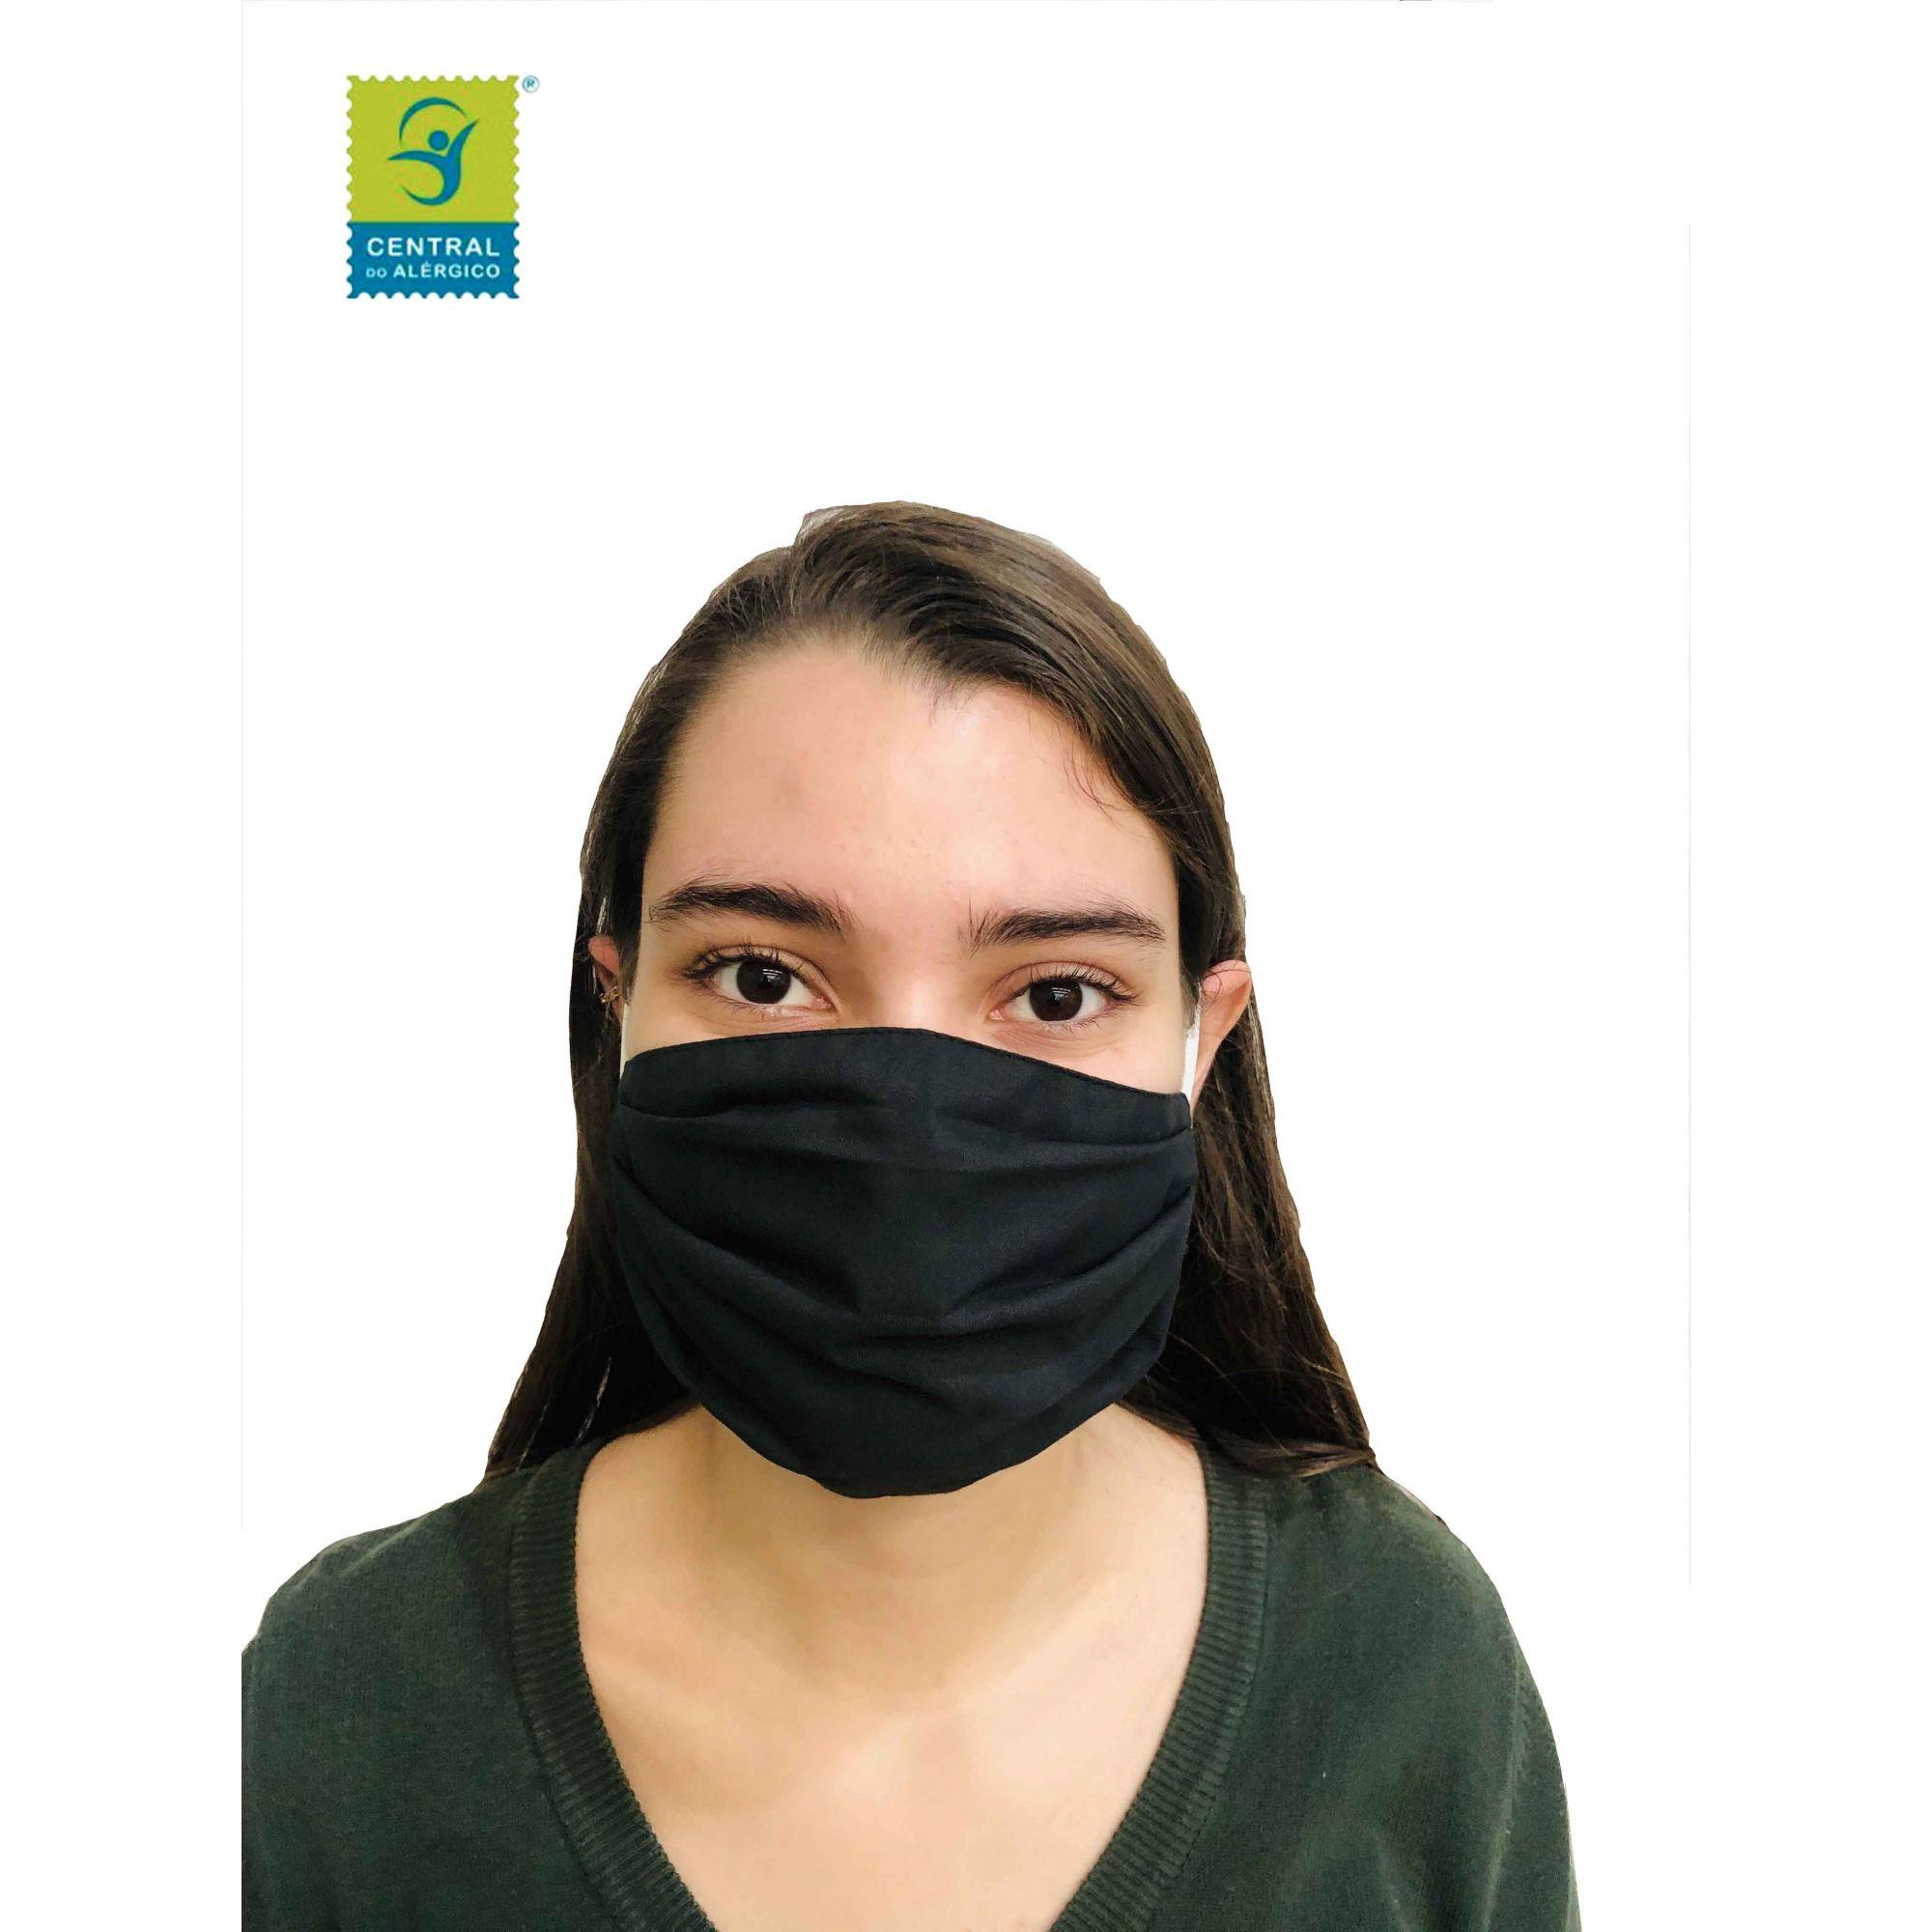 Kit 5 Máscaras Adulto Em Tecido 100% Algodão Percal 200 Fios Lavável Com Tratamento Antimicrobiano Modelo: Quadrado